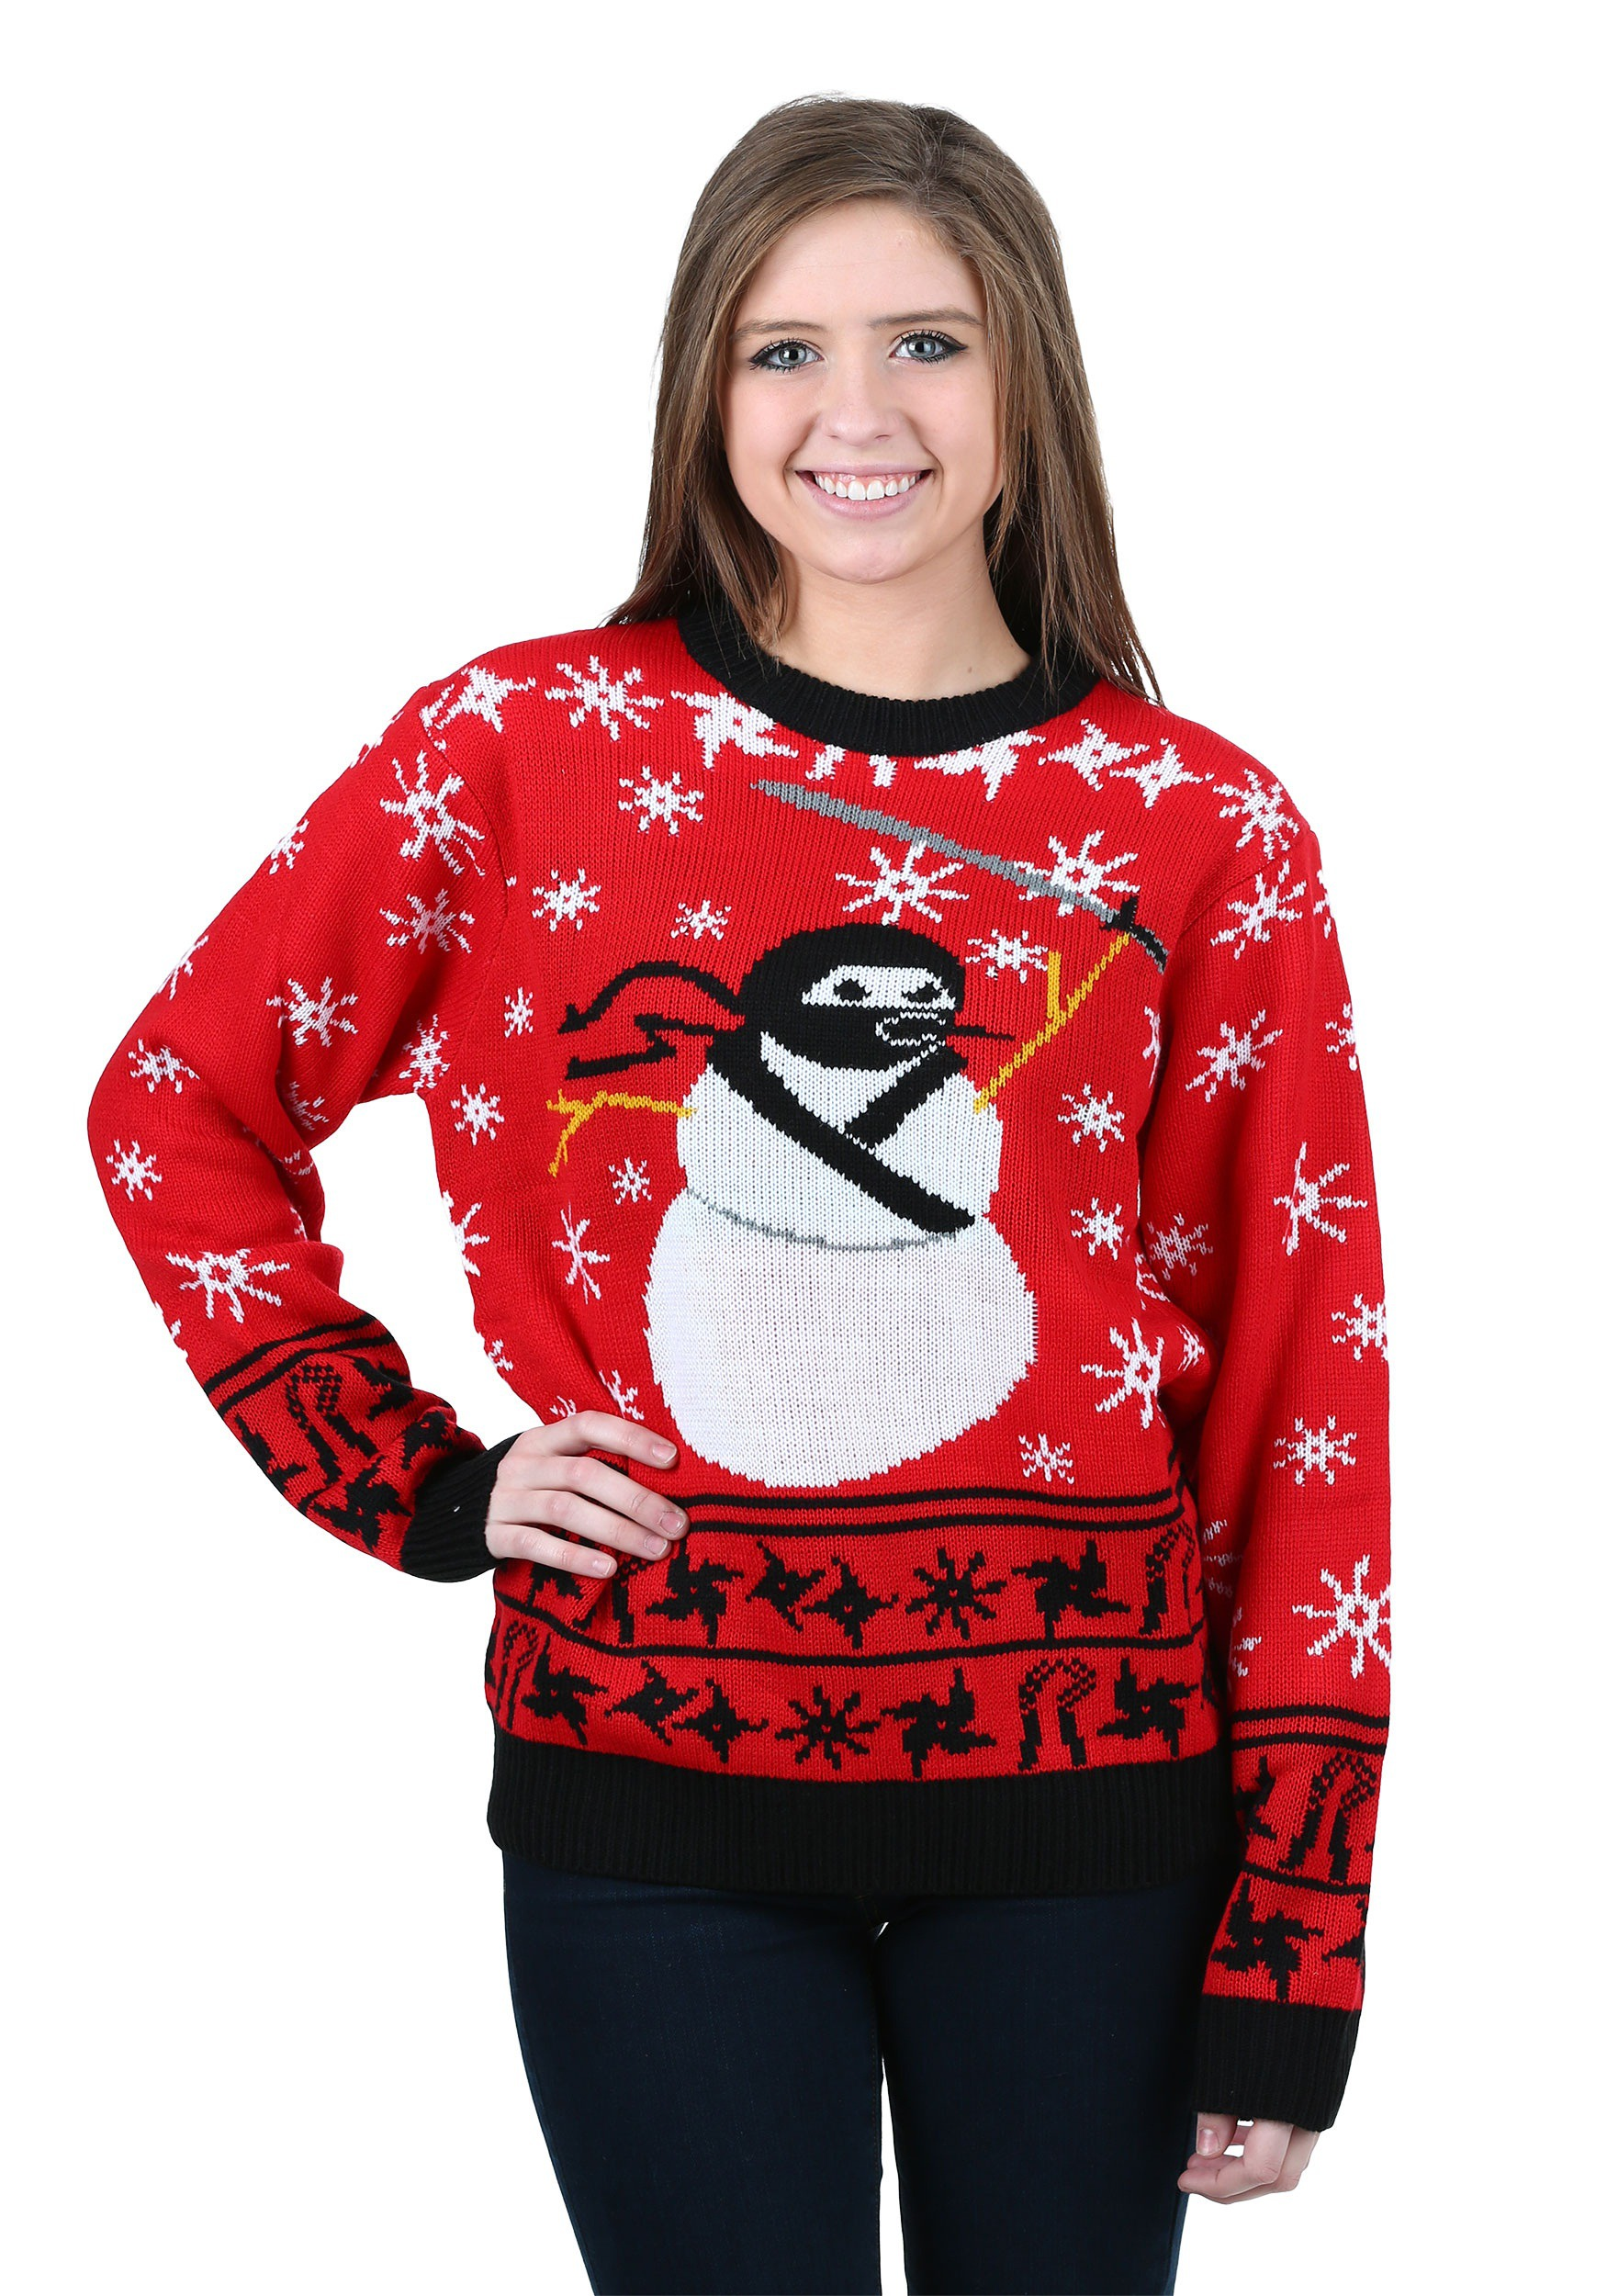 Ninja Snowman Ugly Christmas Sweater